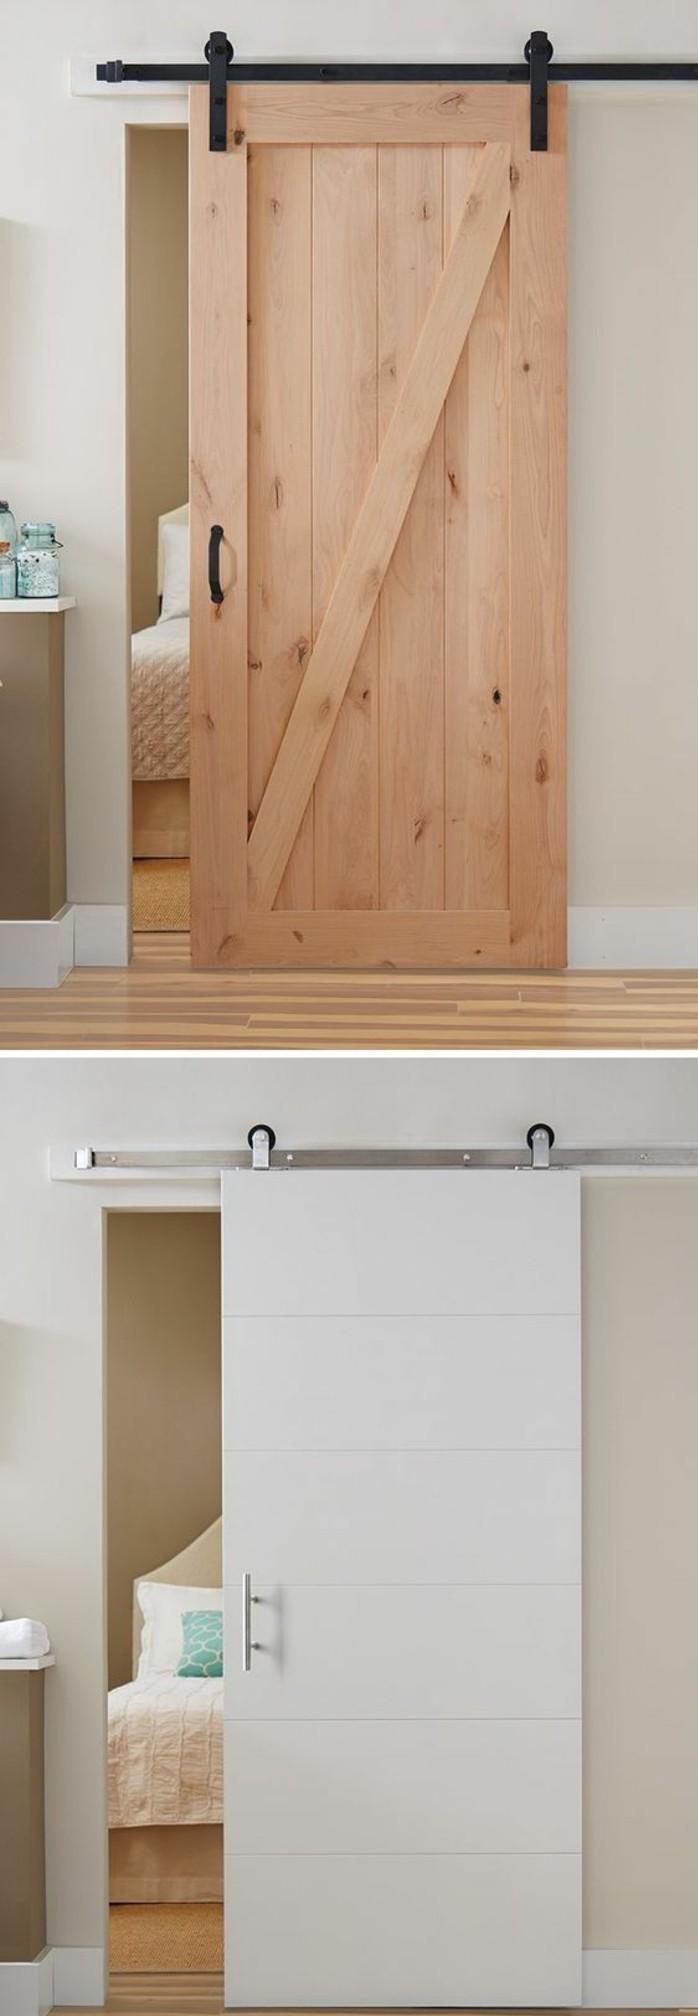 porte-de-grange-en-bois-porte-de-grange-blanche-intérieur-moderne